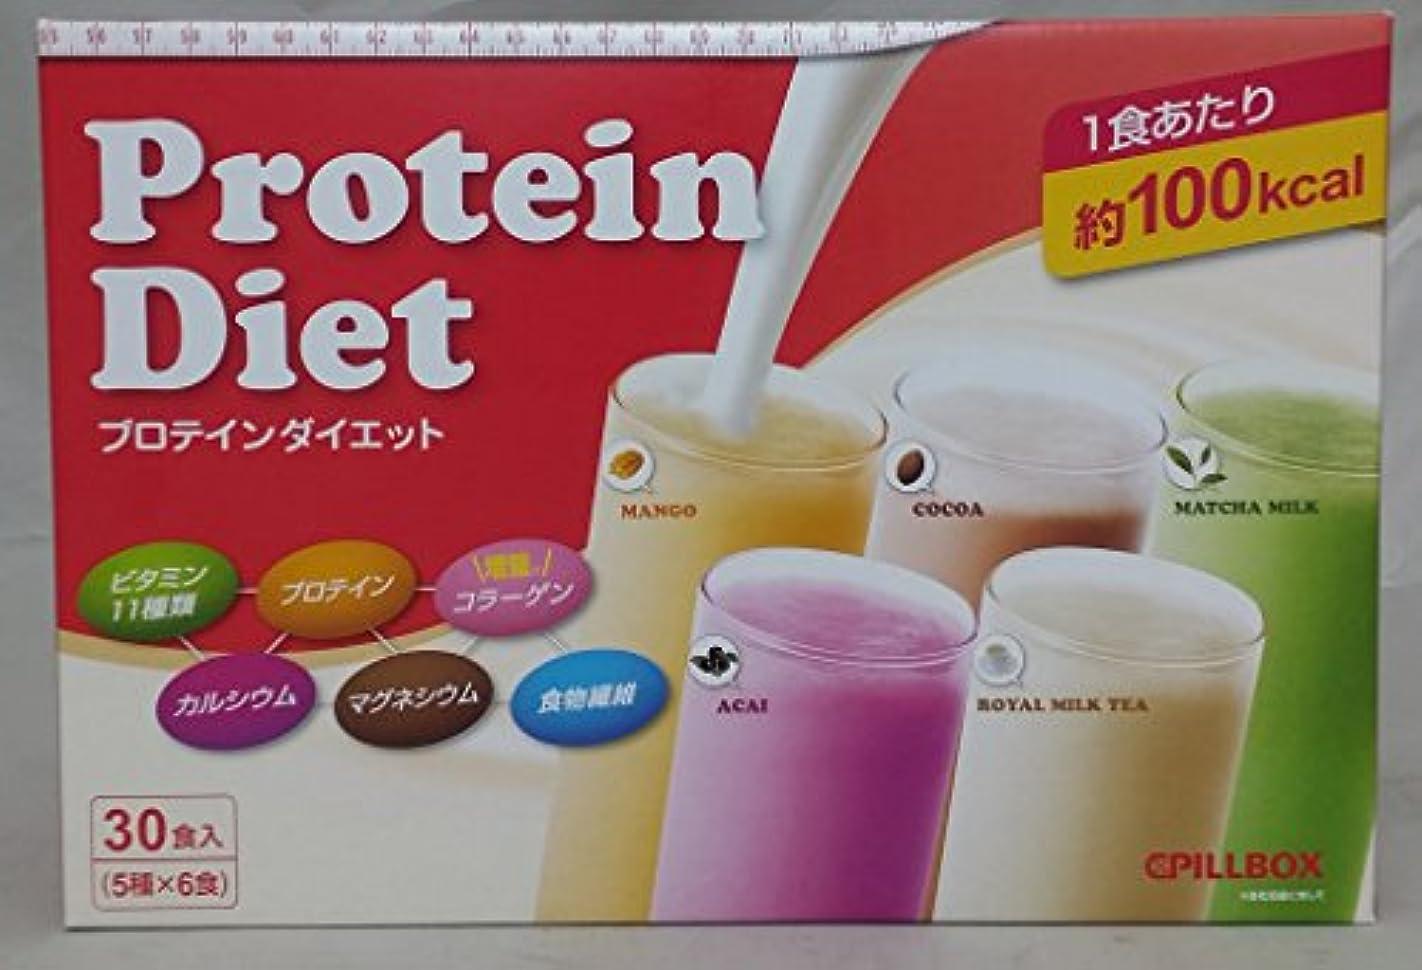 コア批判的過敏なピルボックス Protein Diet プロテイン ダイエット 31g×30食入り 5種類のフレーバー